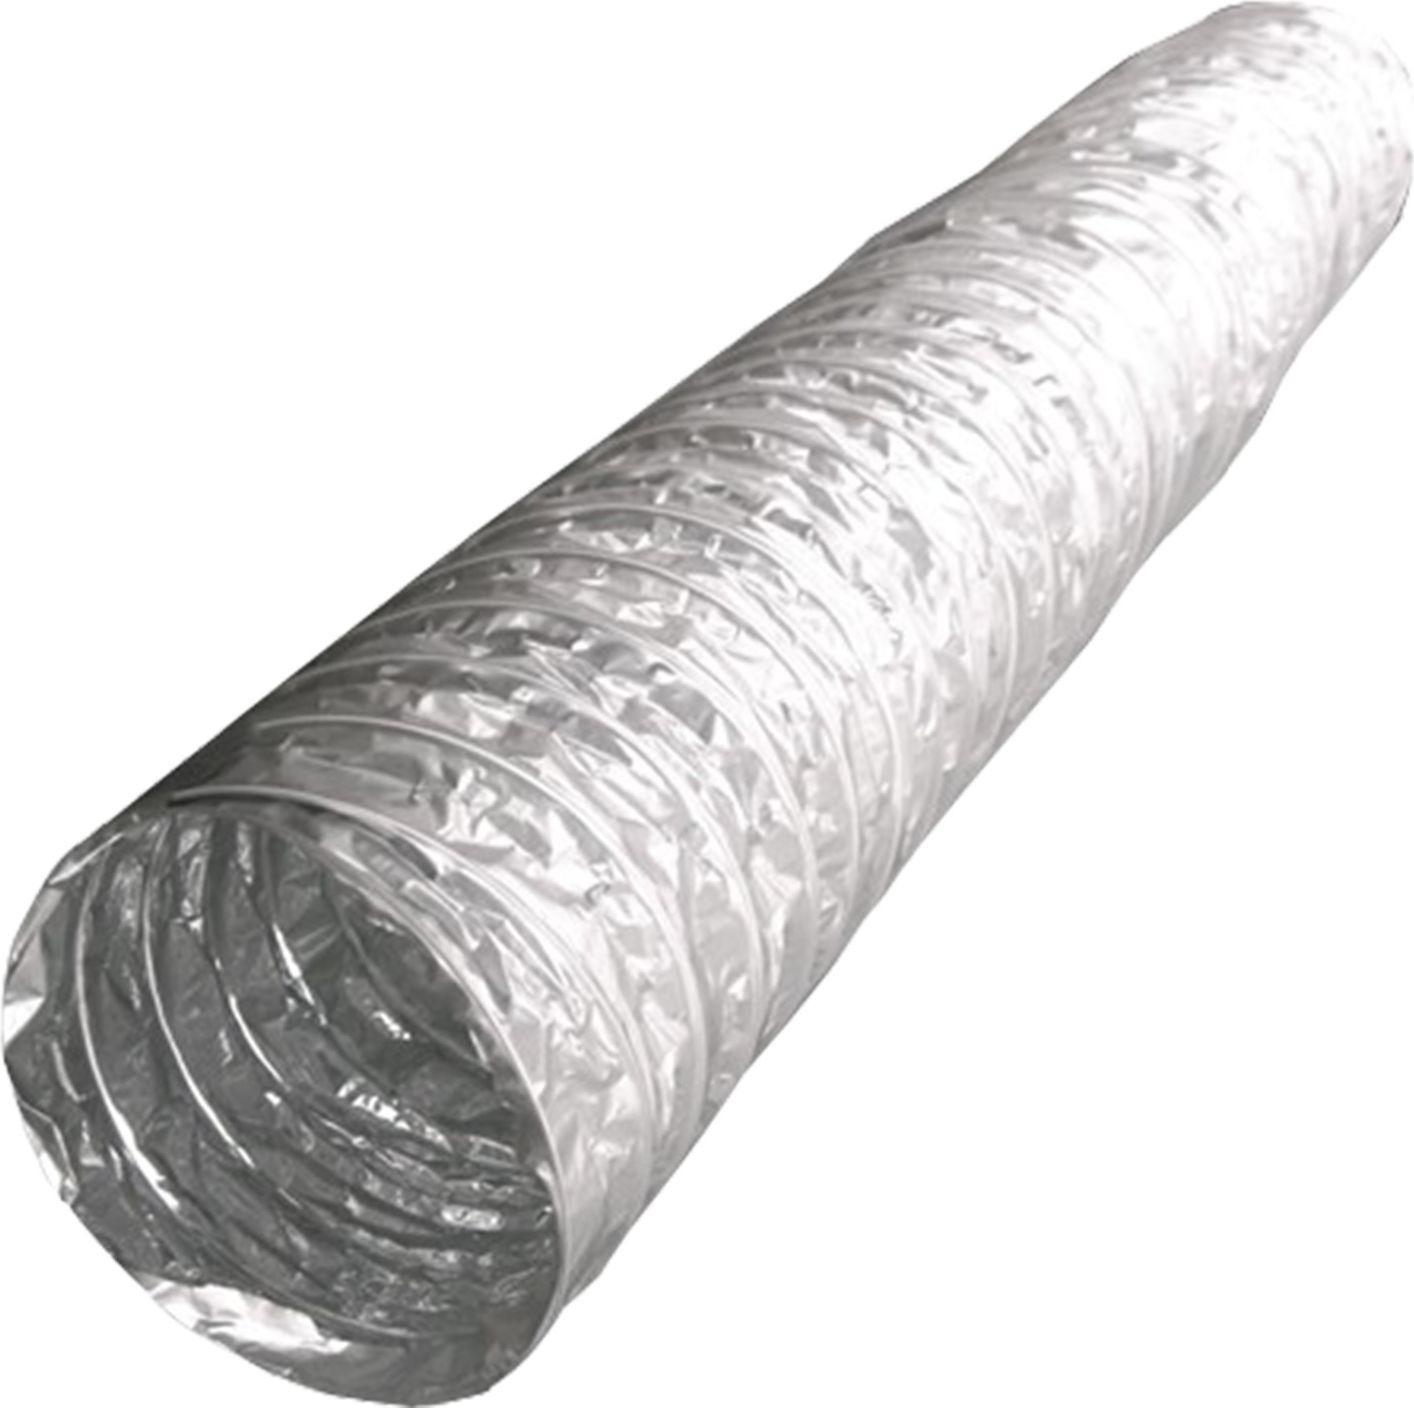 Фото - Гибкий воздуховод ERA, AF102, металл, армированный, длина до 10 м воздуховод ванвент впа 125 гибкий алюминиевый 3м